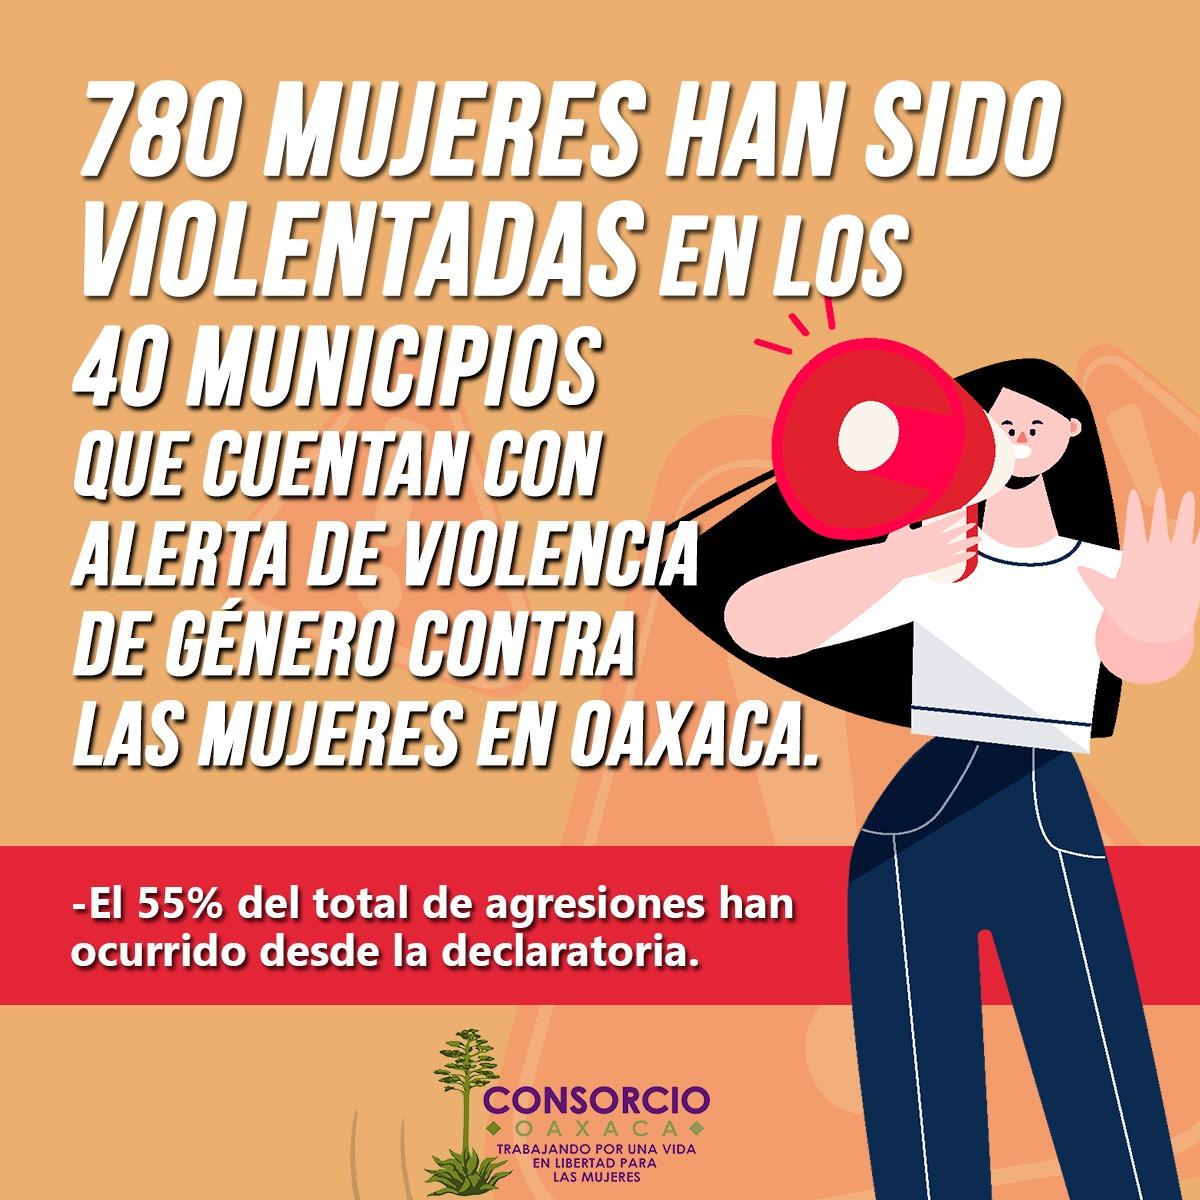 Violencia feminicida en los 40 municipios con AVGM